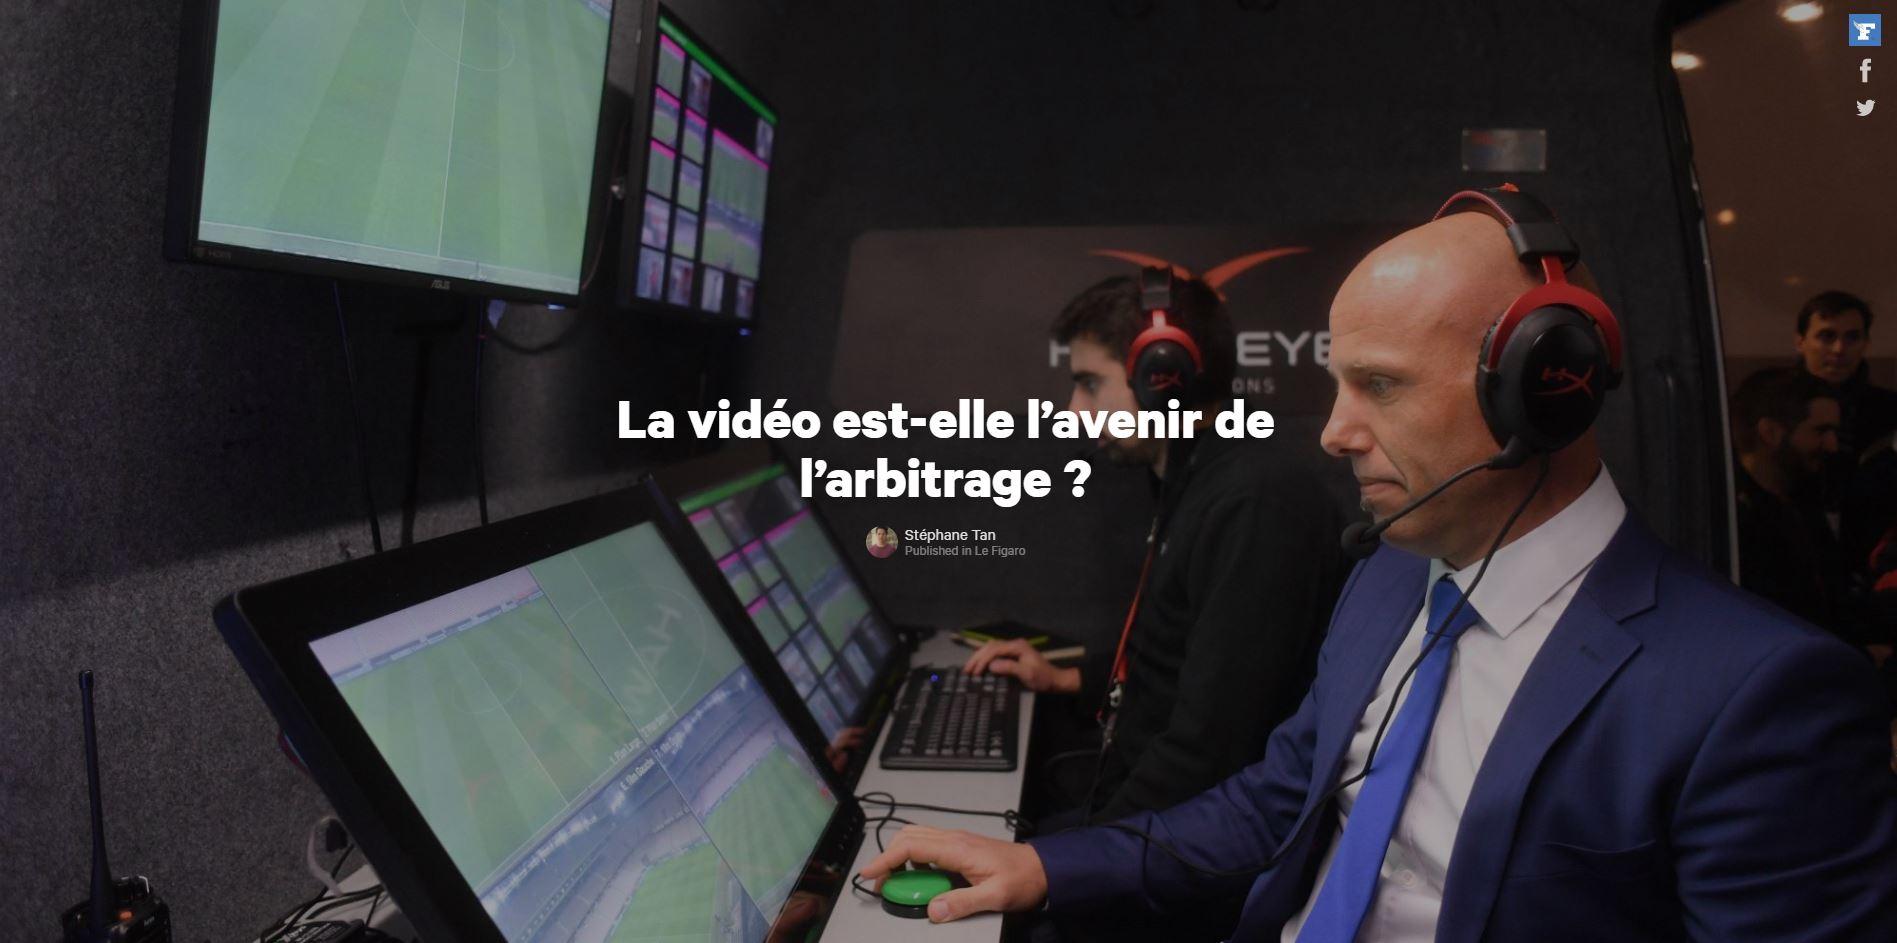 Coupe du monde - La vidéo est-elle l'avenir de l'arbitrage?